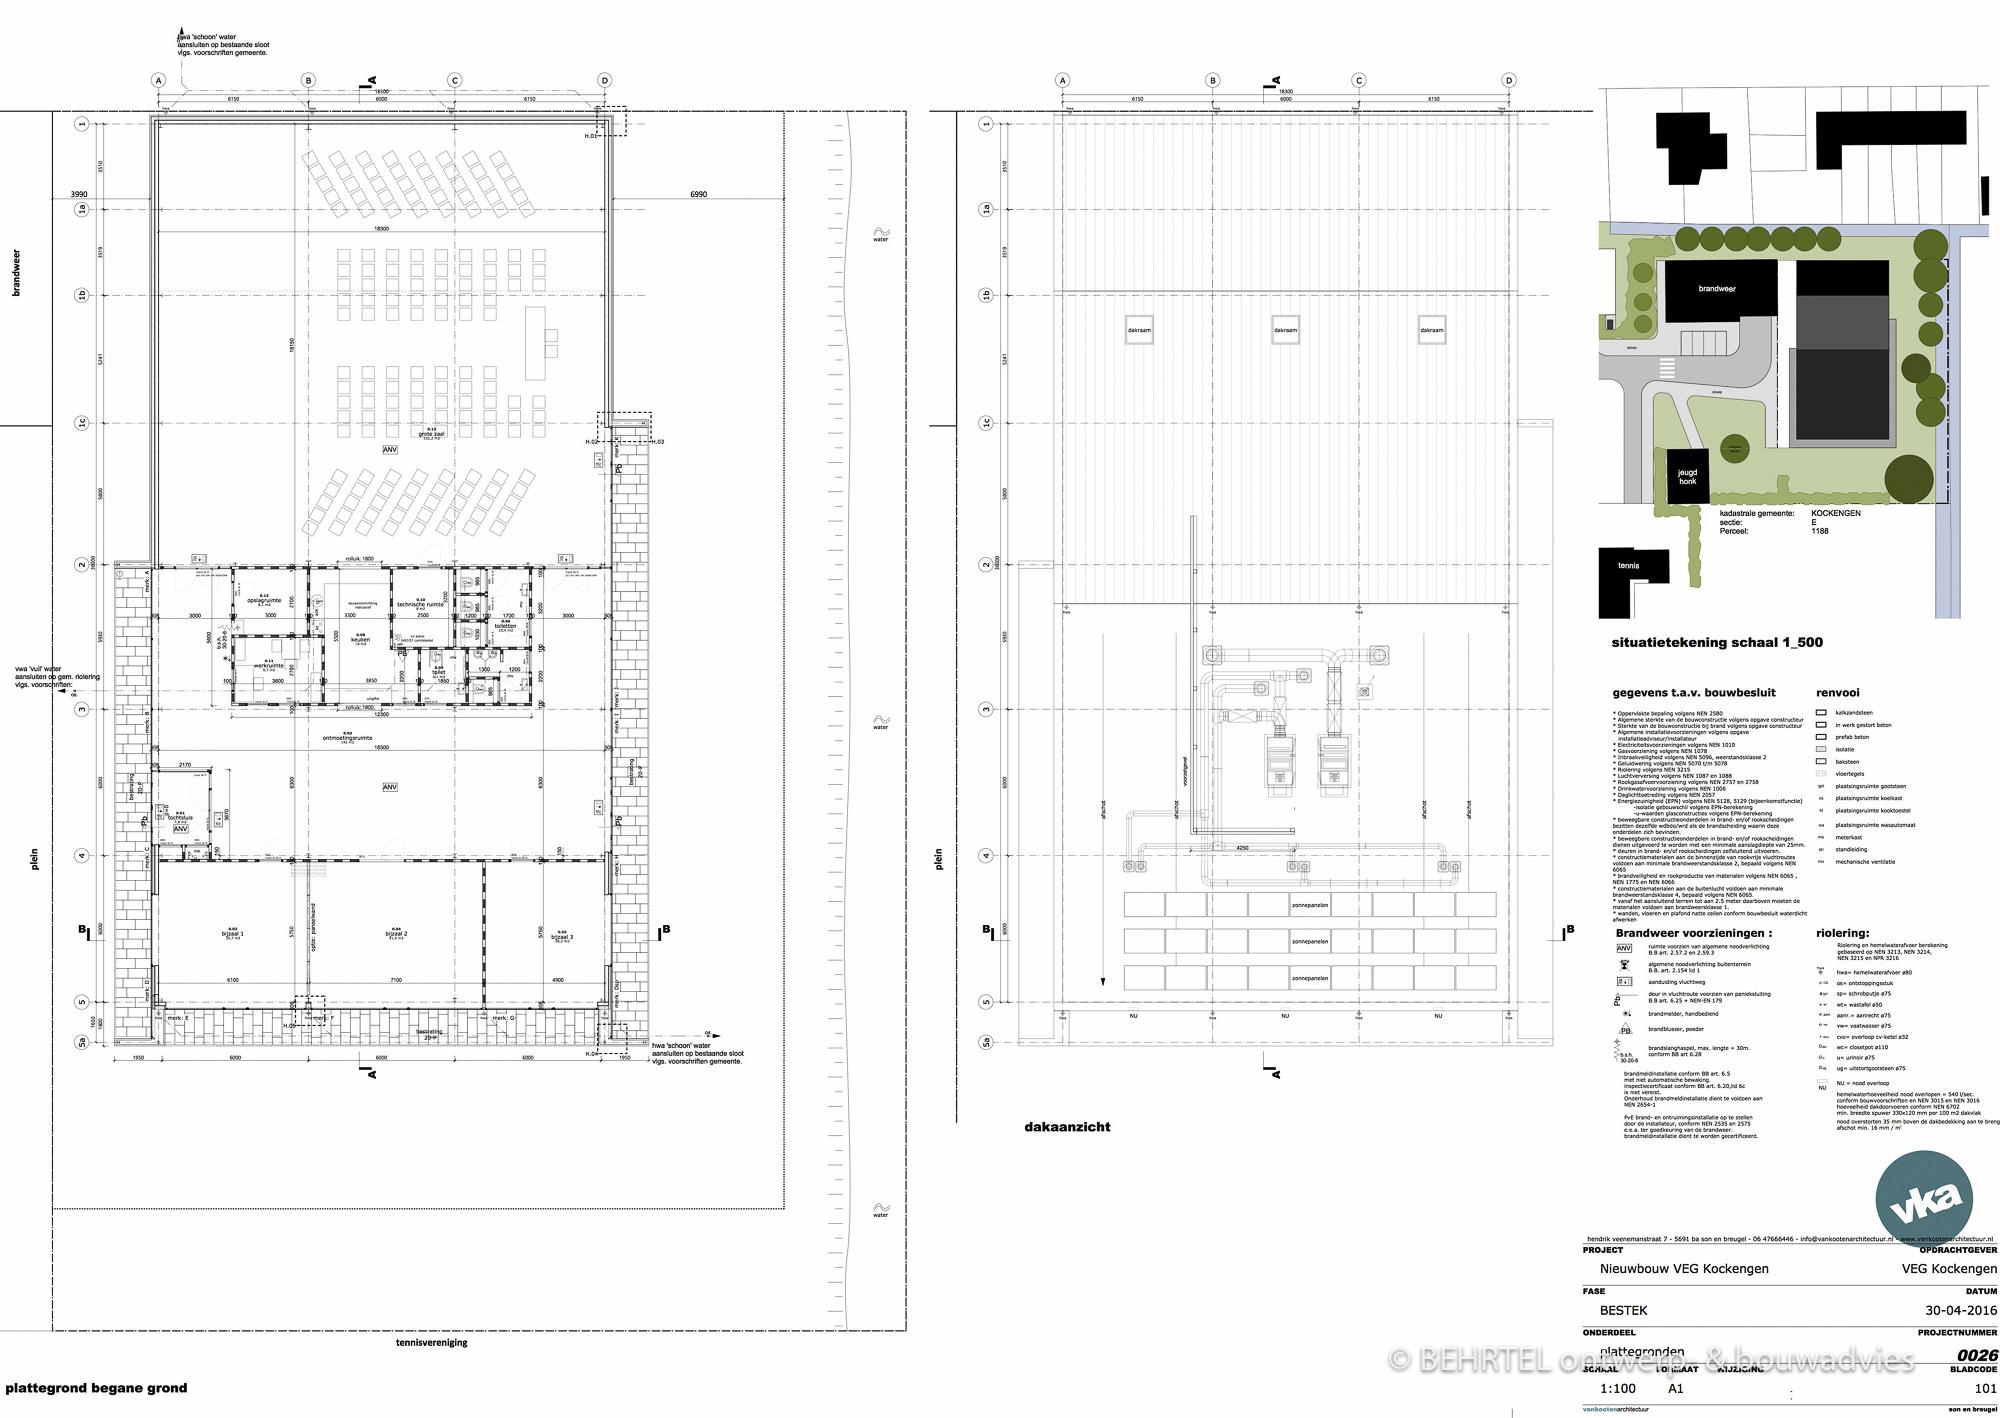 P15-007 101-A1 plattegronden 30-04-2016